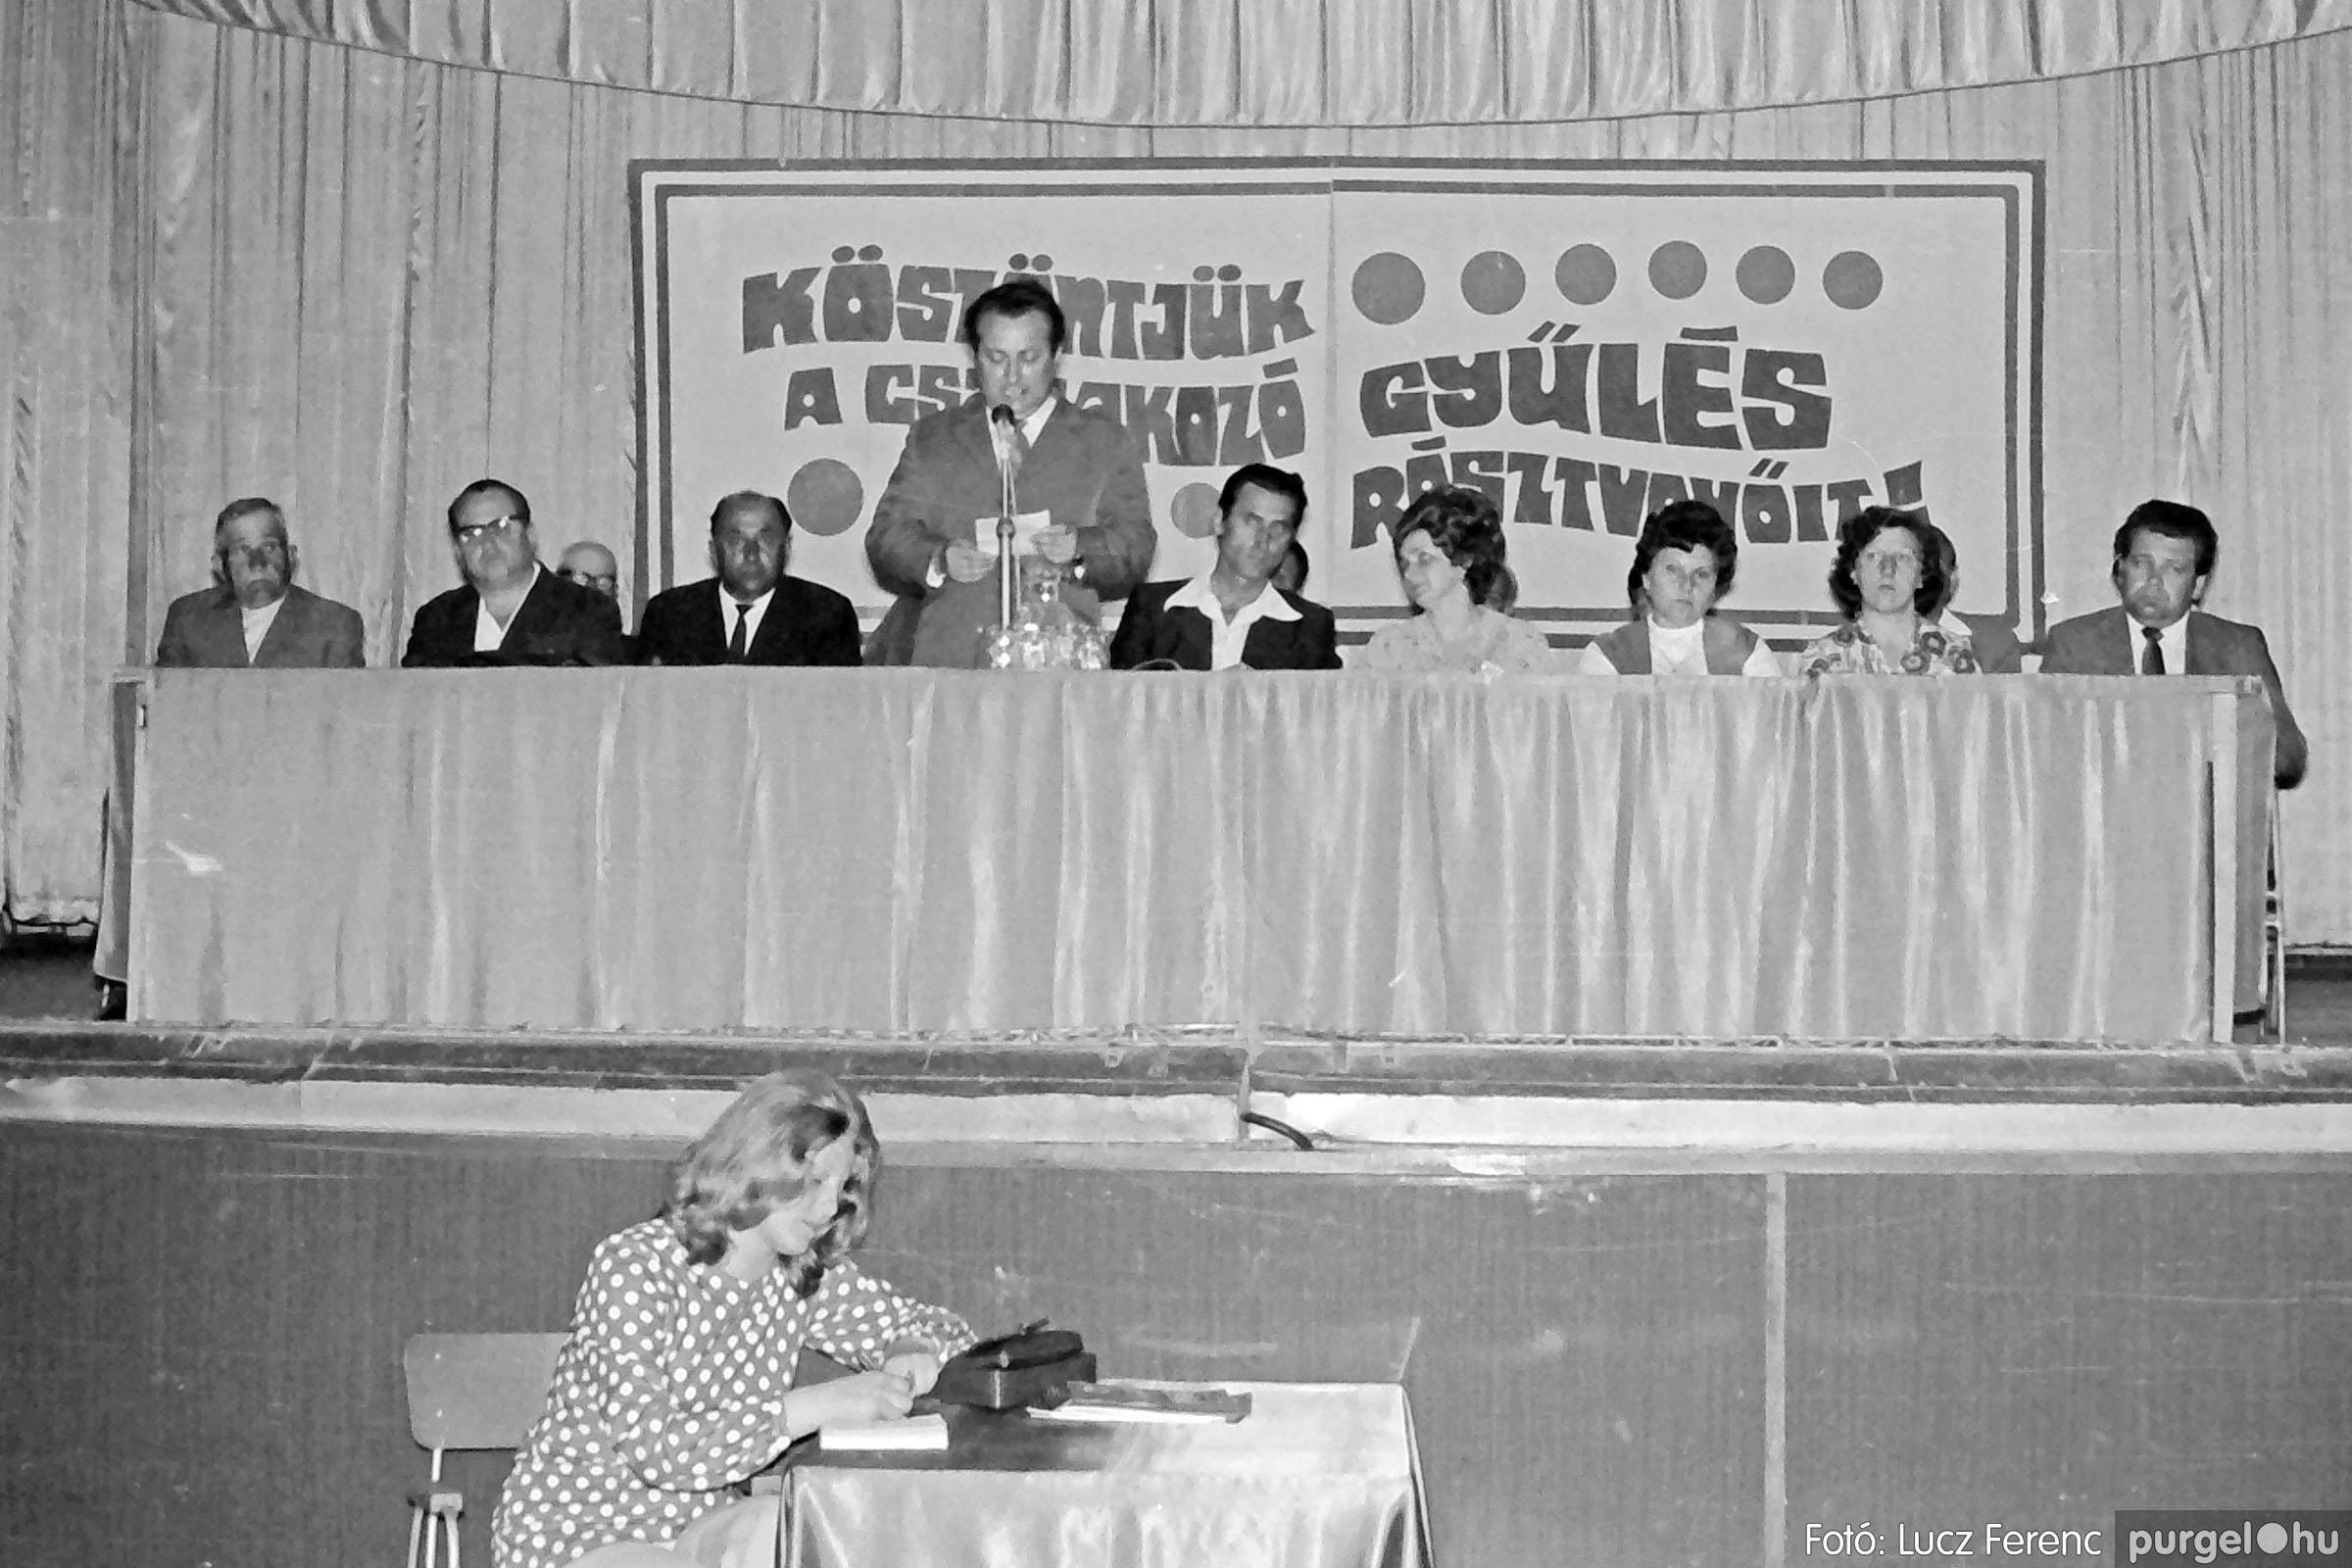 016 1975. Csatlakozó gyűlés a kultúrházban 007 - Fotó: Lucz Ferenc IMG00180.JPG